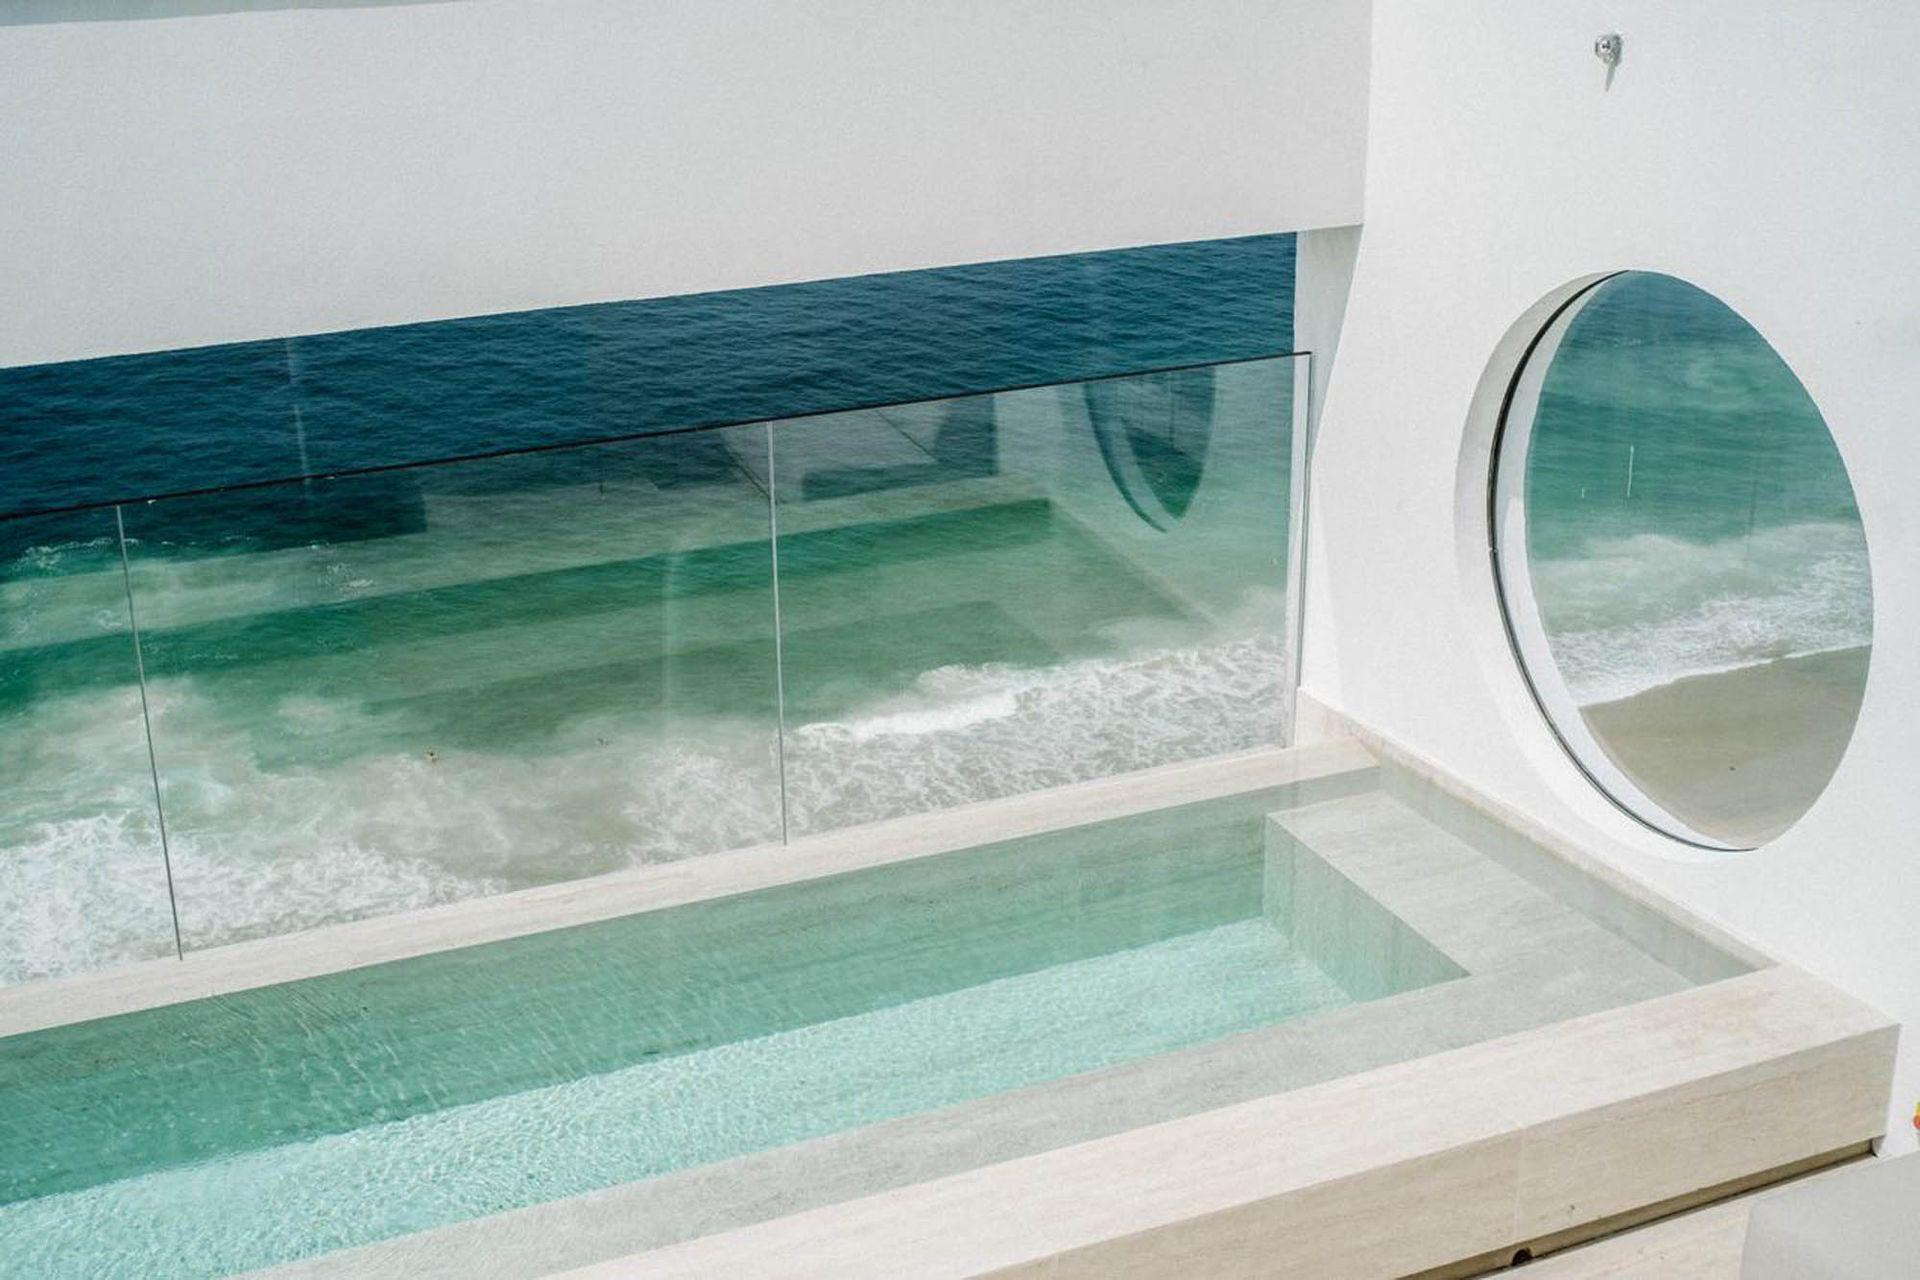 La increíble piscina que parece estar sobre el océano